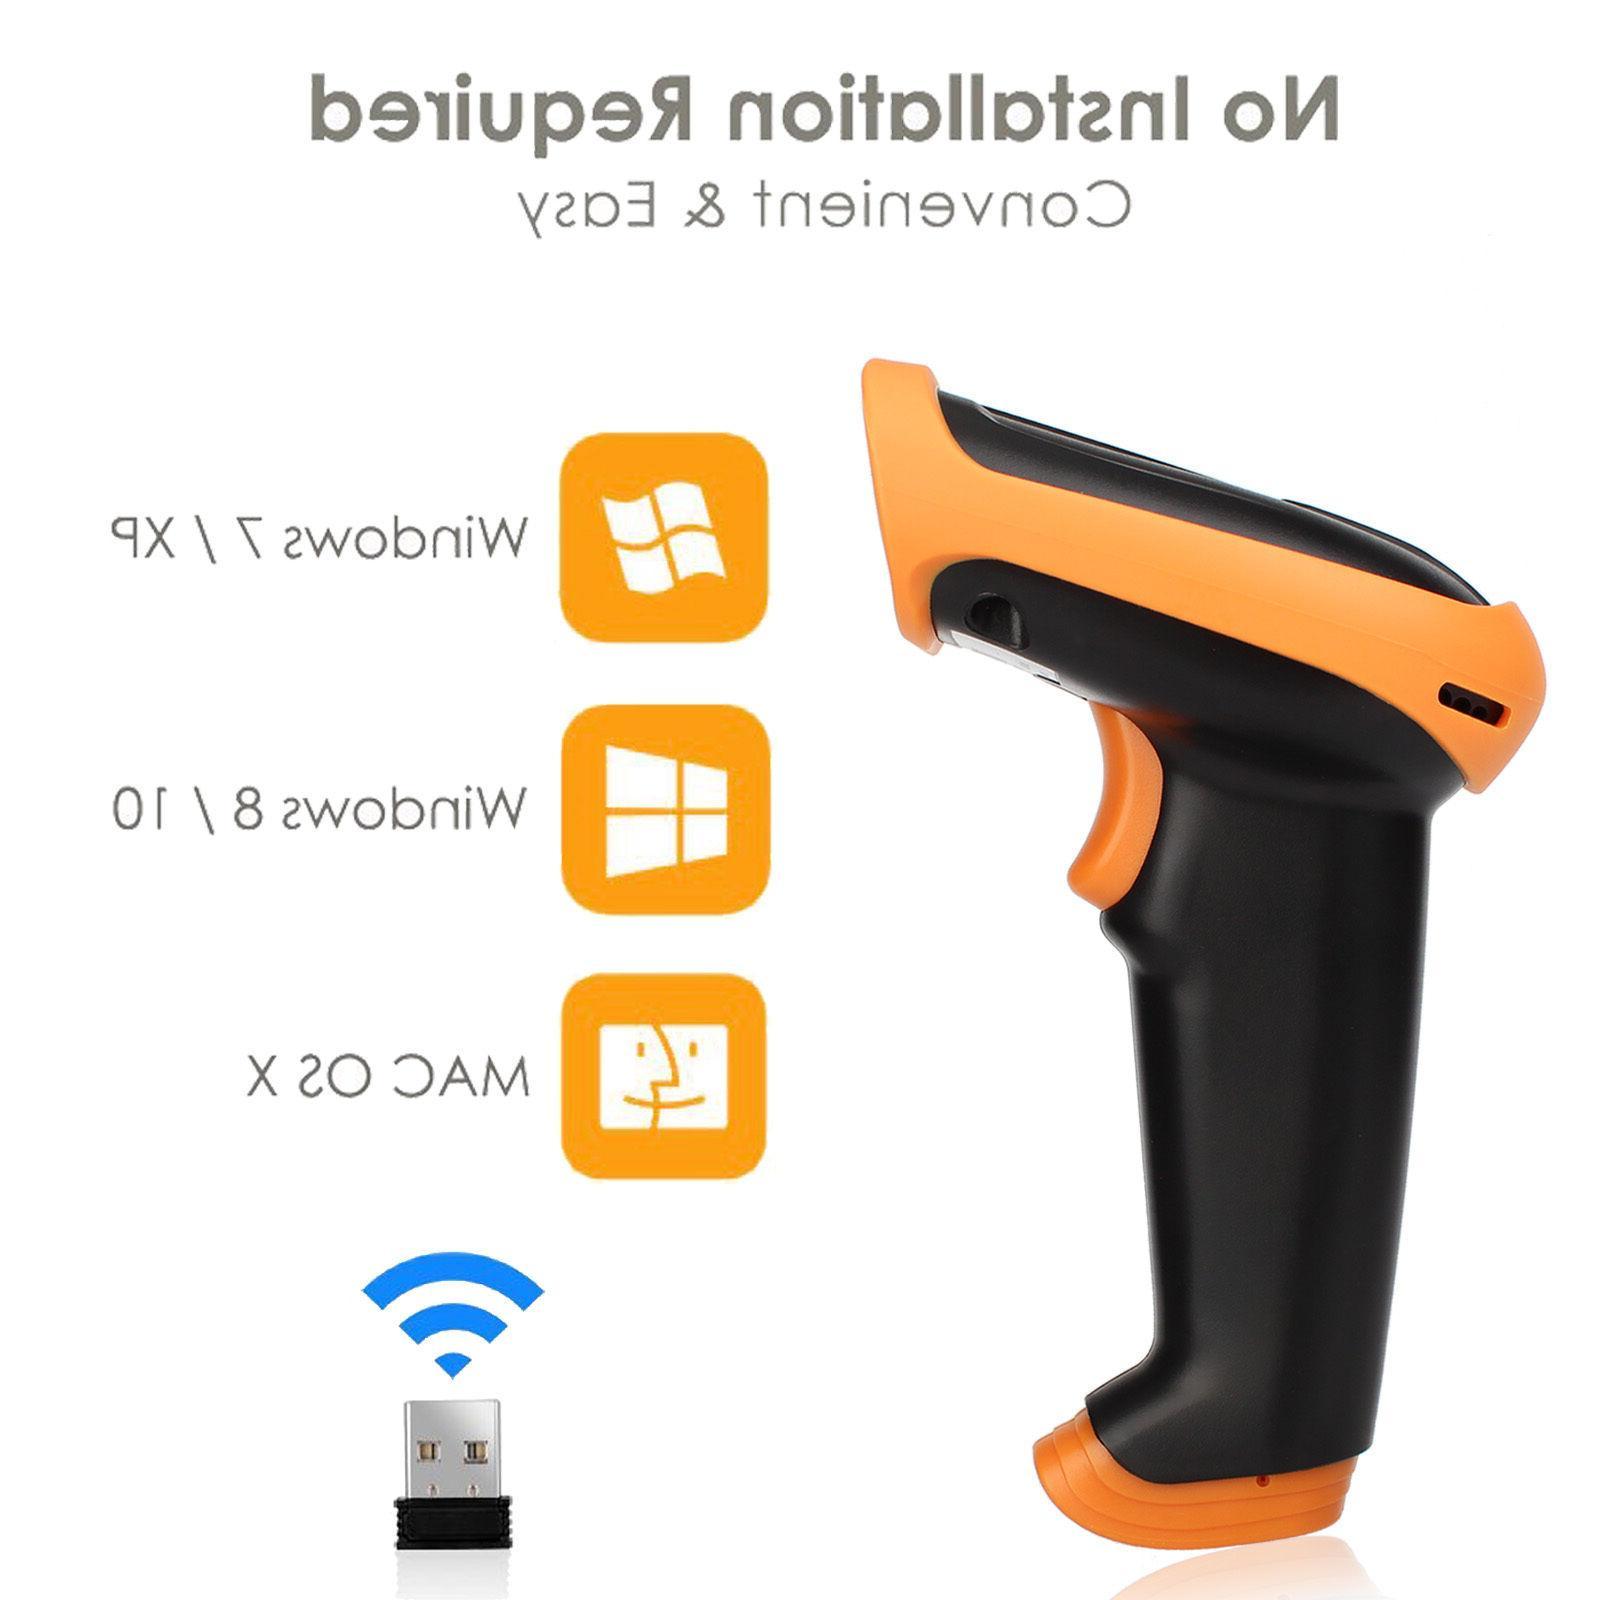 Premium 2.4GHz Wireless Barcode